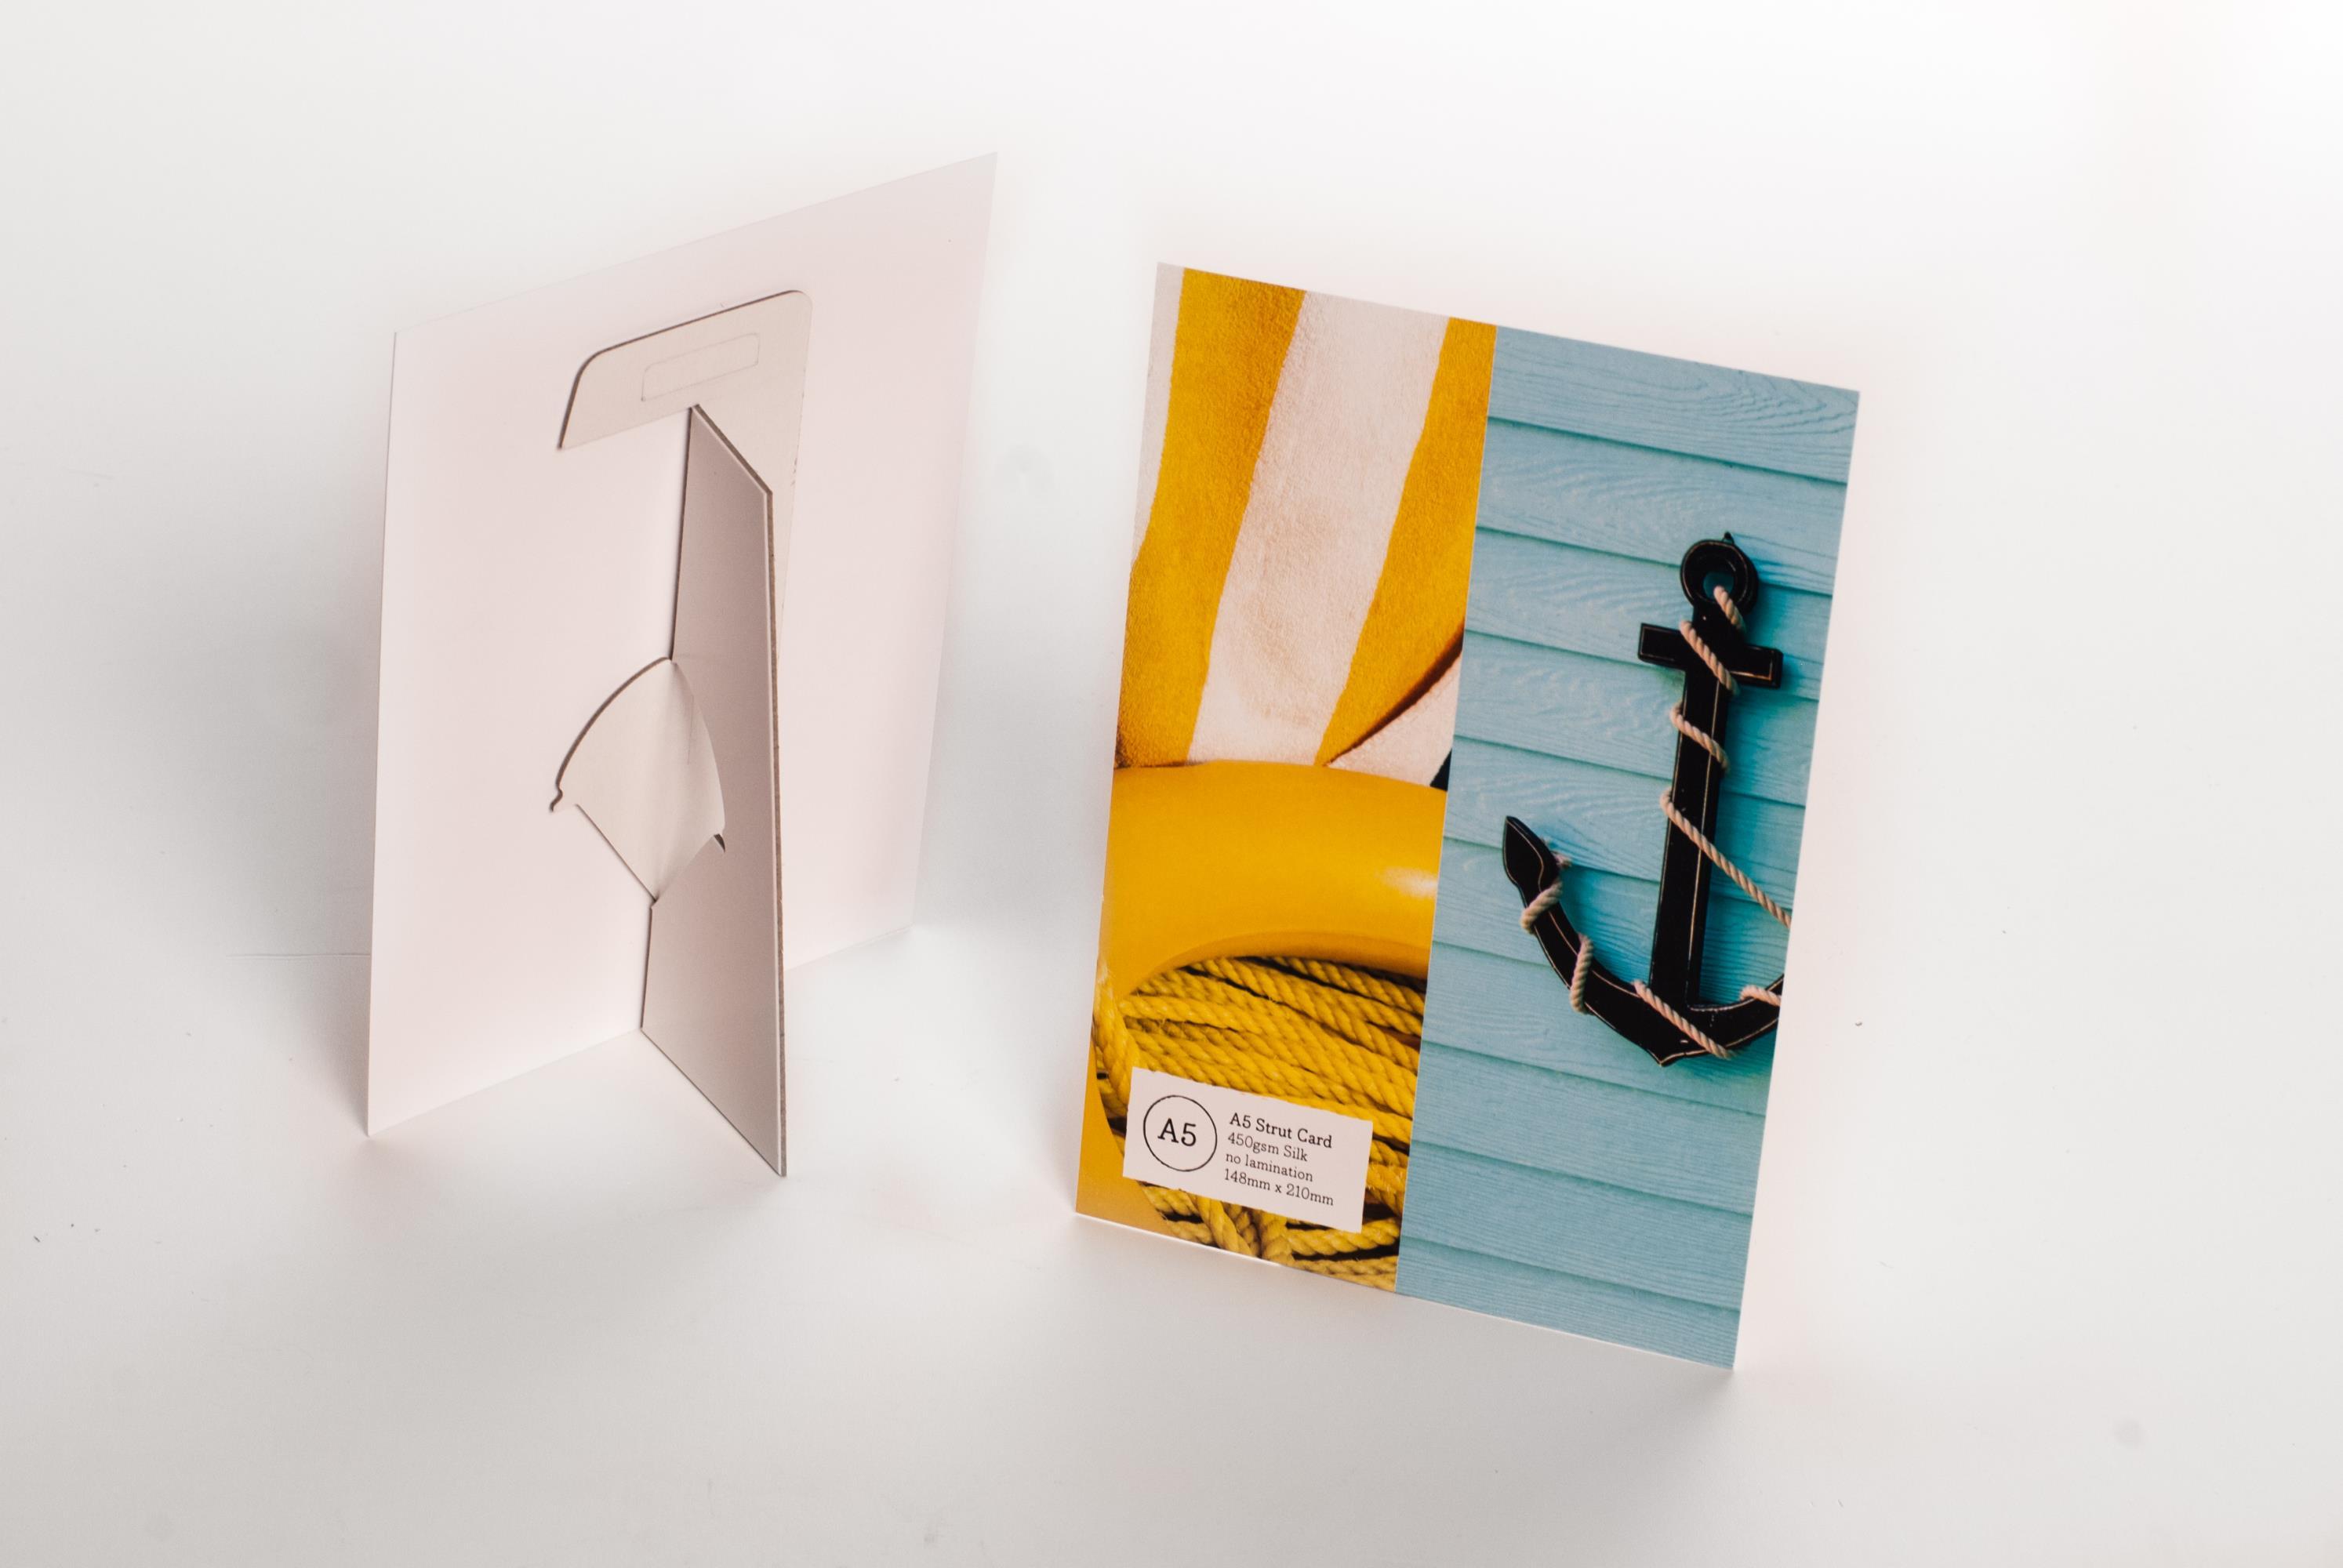 Strutcards